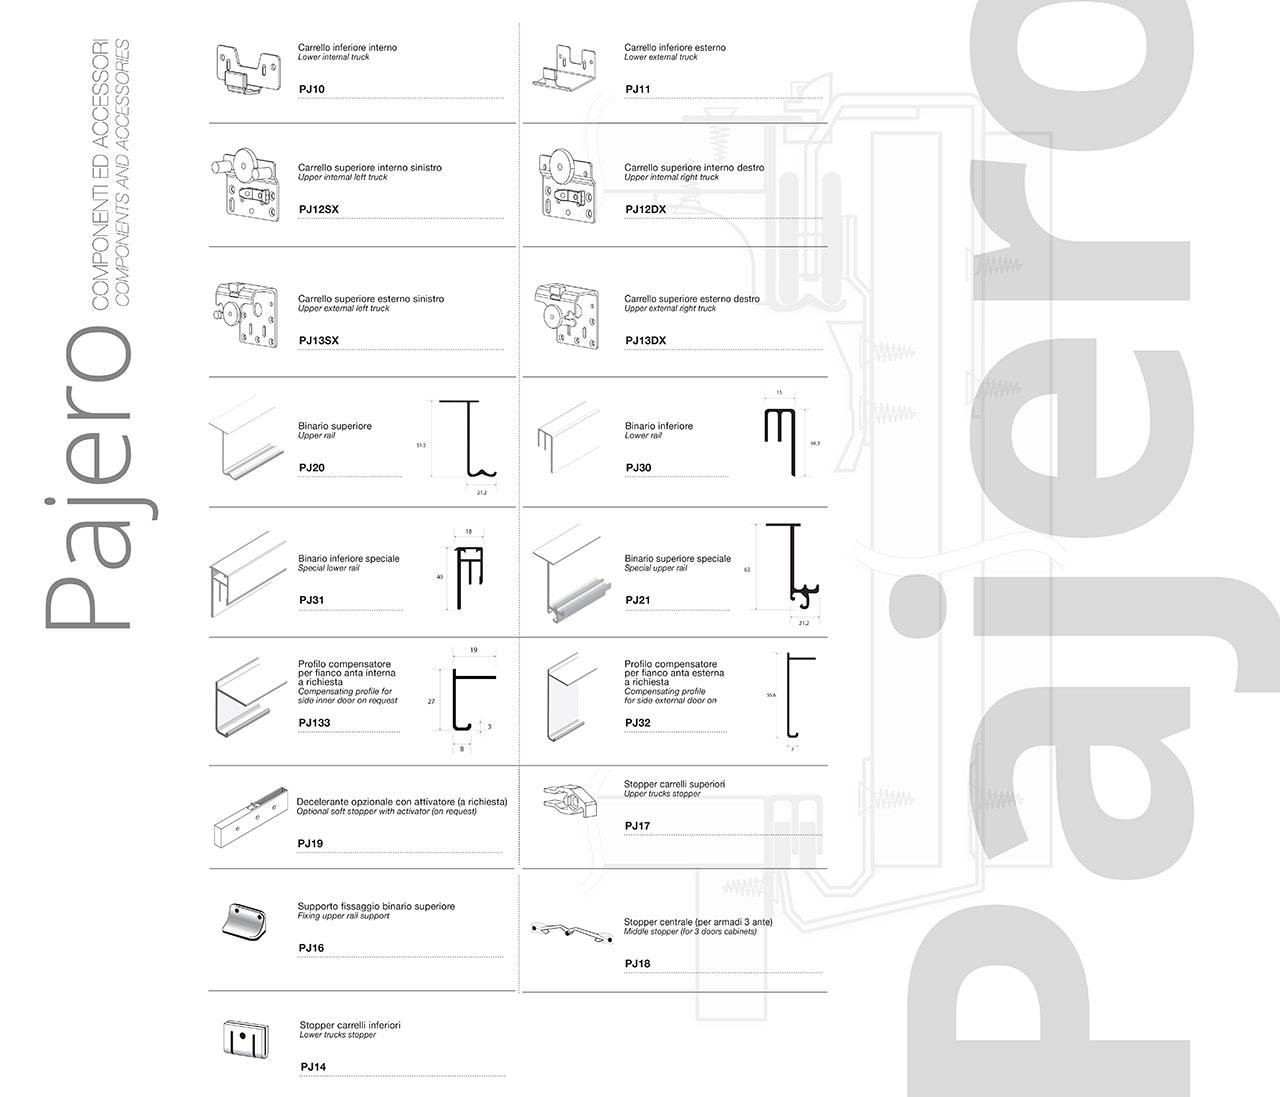 pajero-105x90